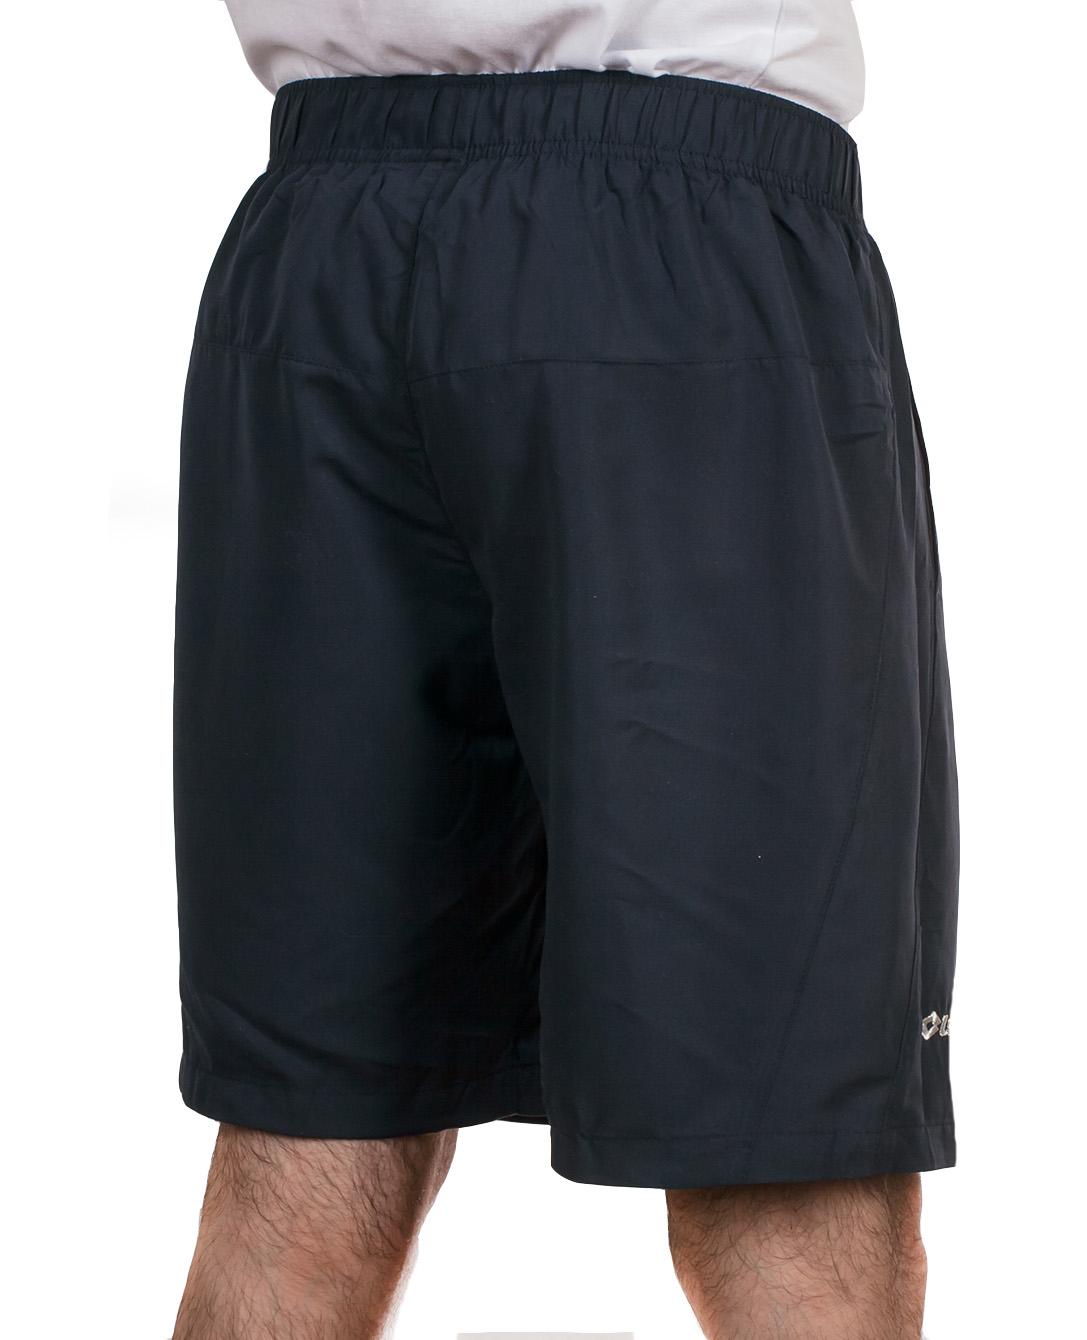 Недорогие мужские шорты для военных и гражданских